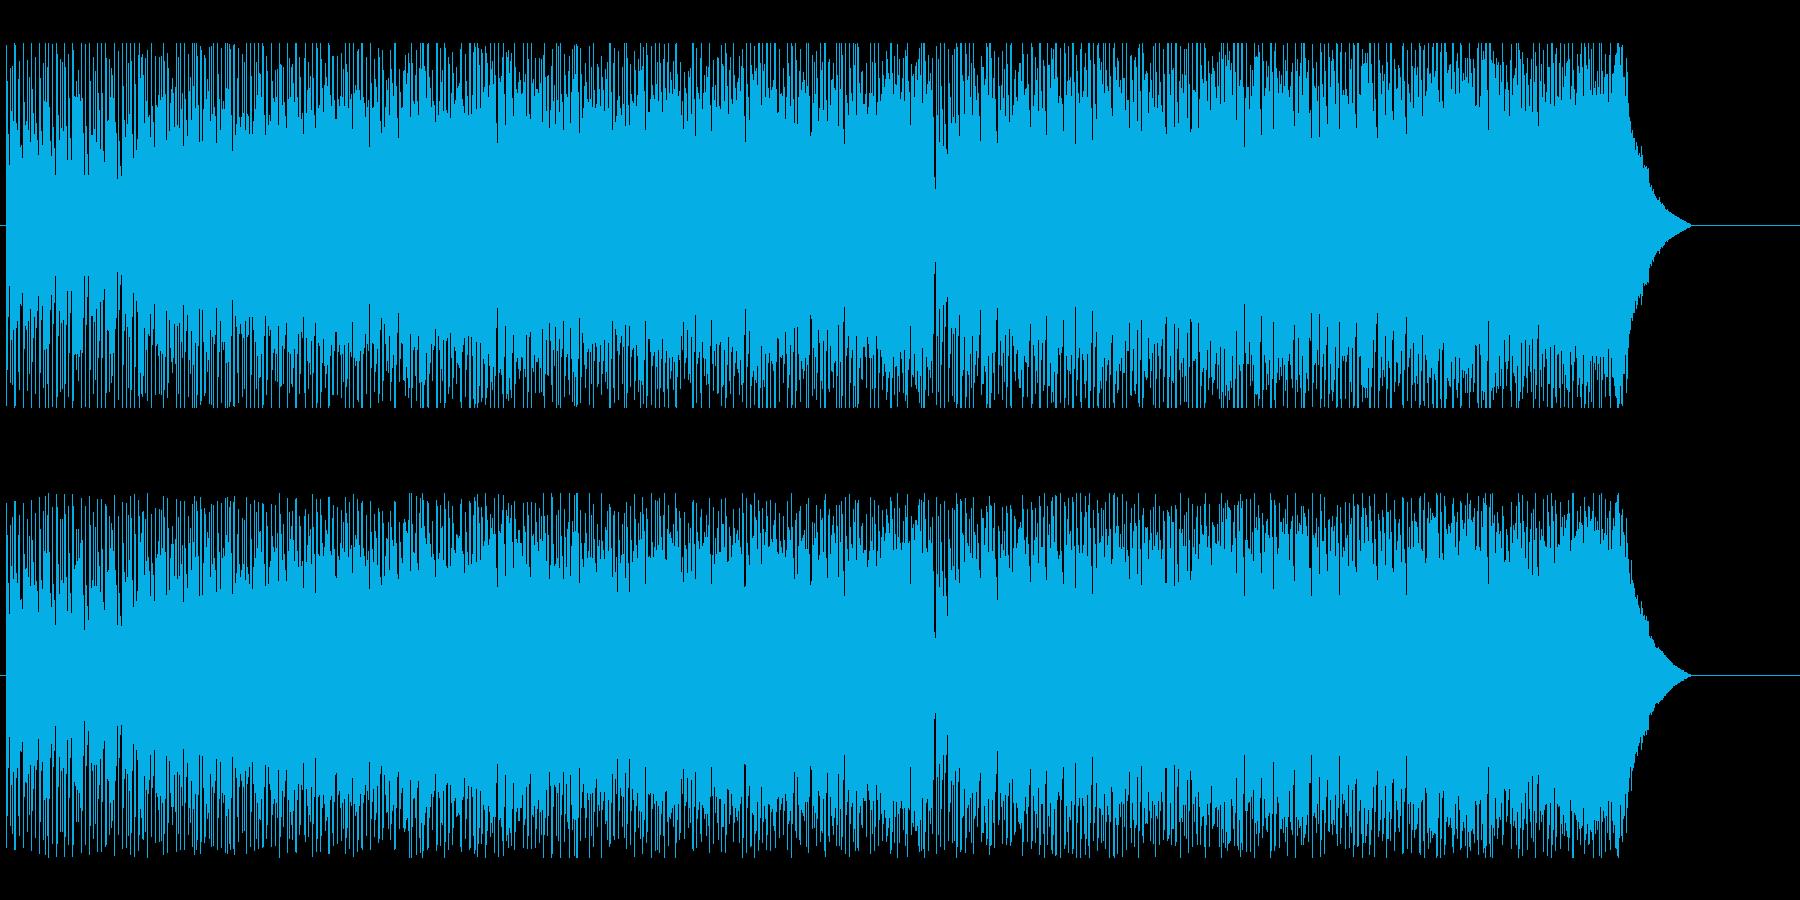 スピード感と爽やかさのあるテクノの再生済みの波形